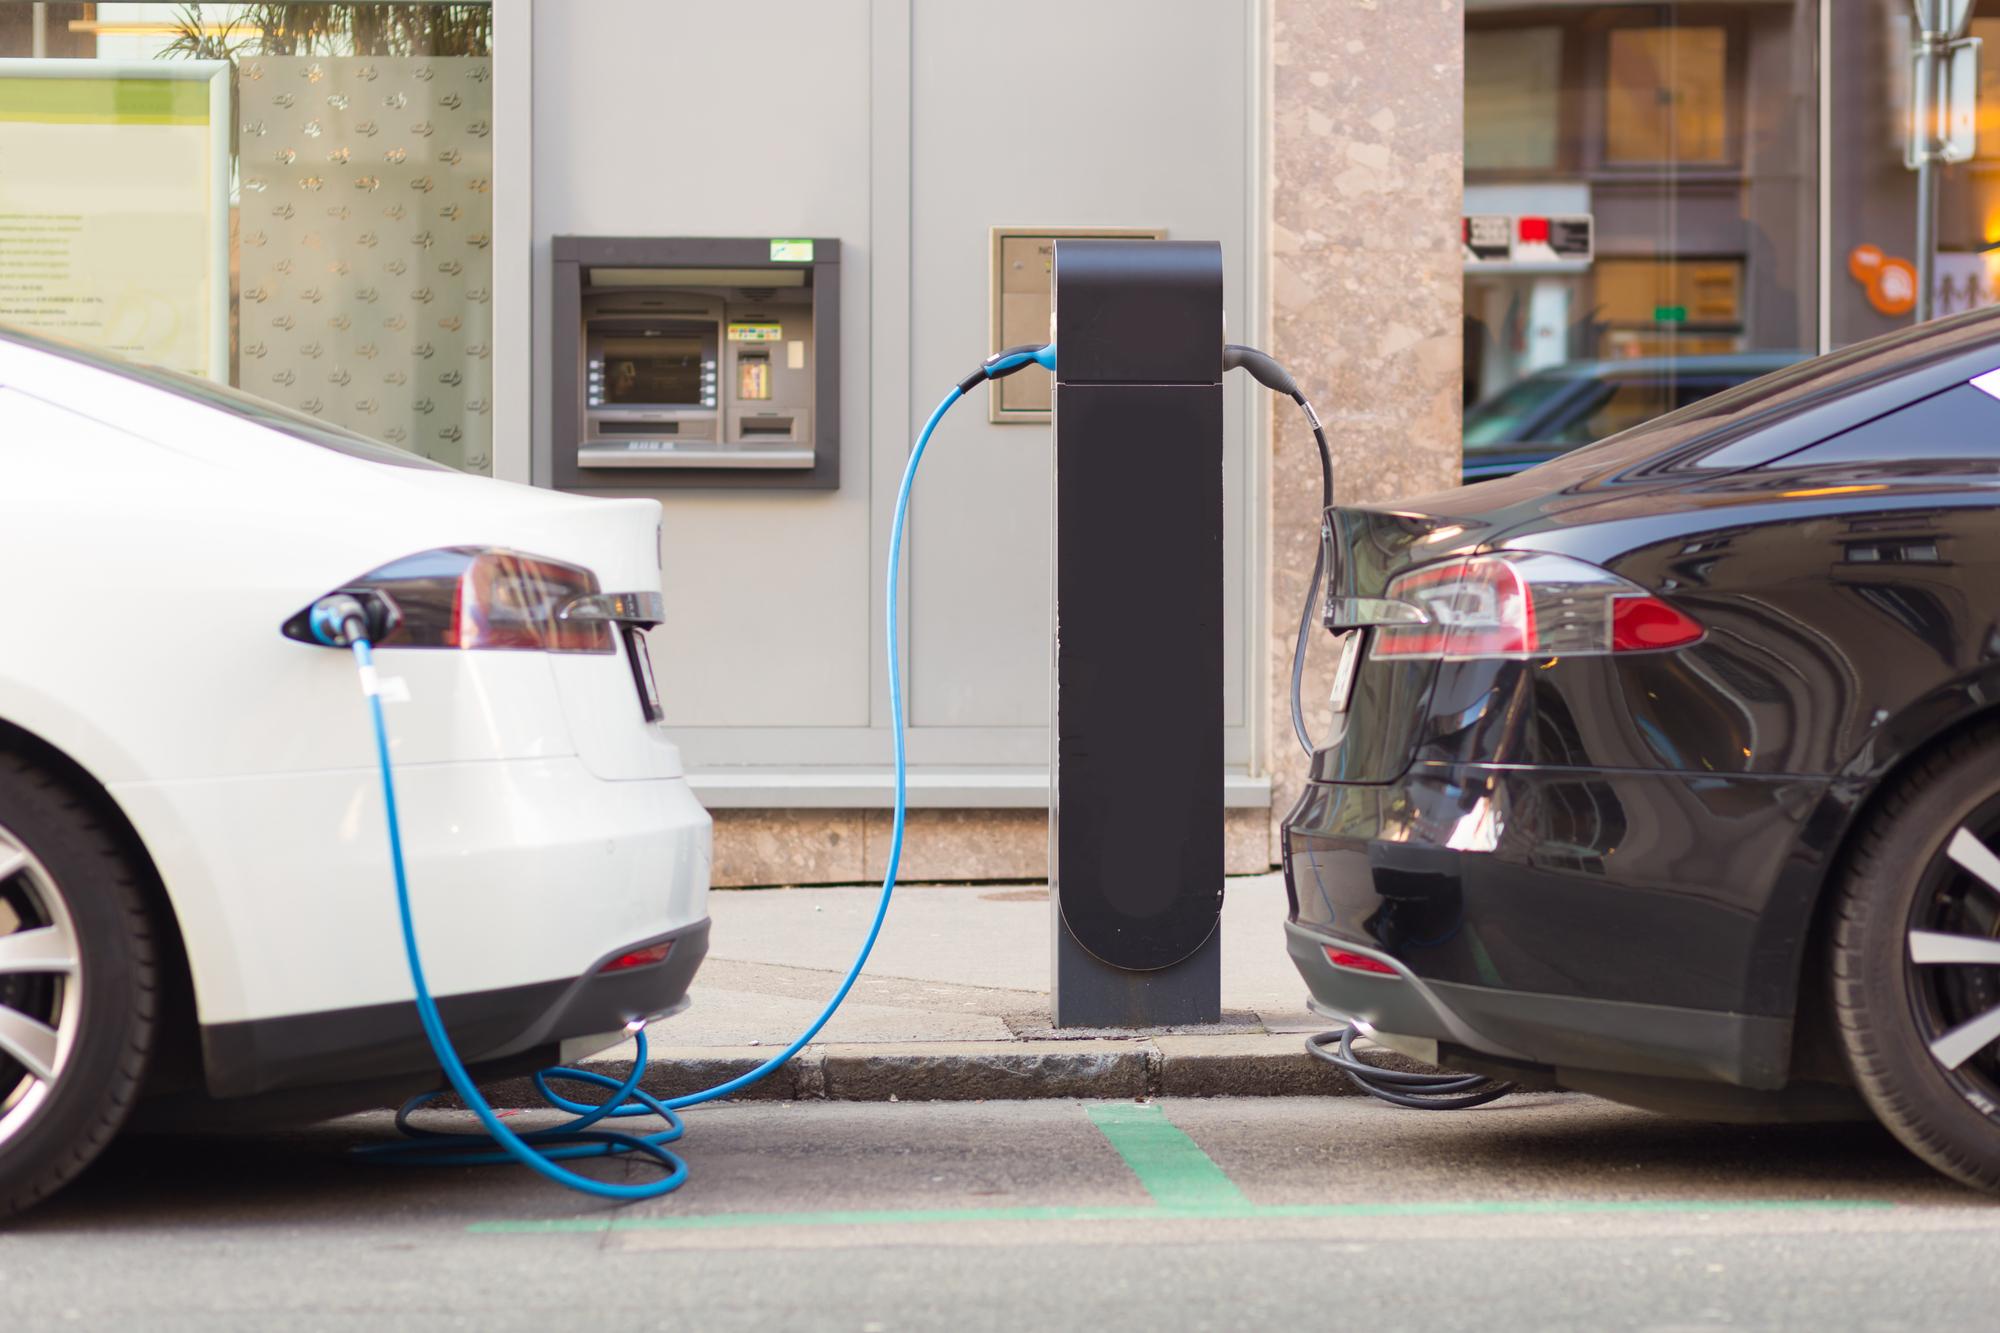 רכבים חשמליים בעמדת הטענה. אילוסטרציה: depositphotos.com